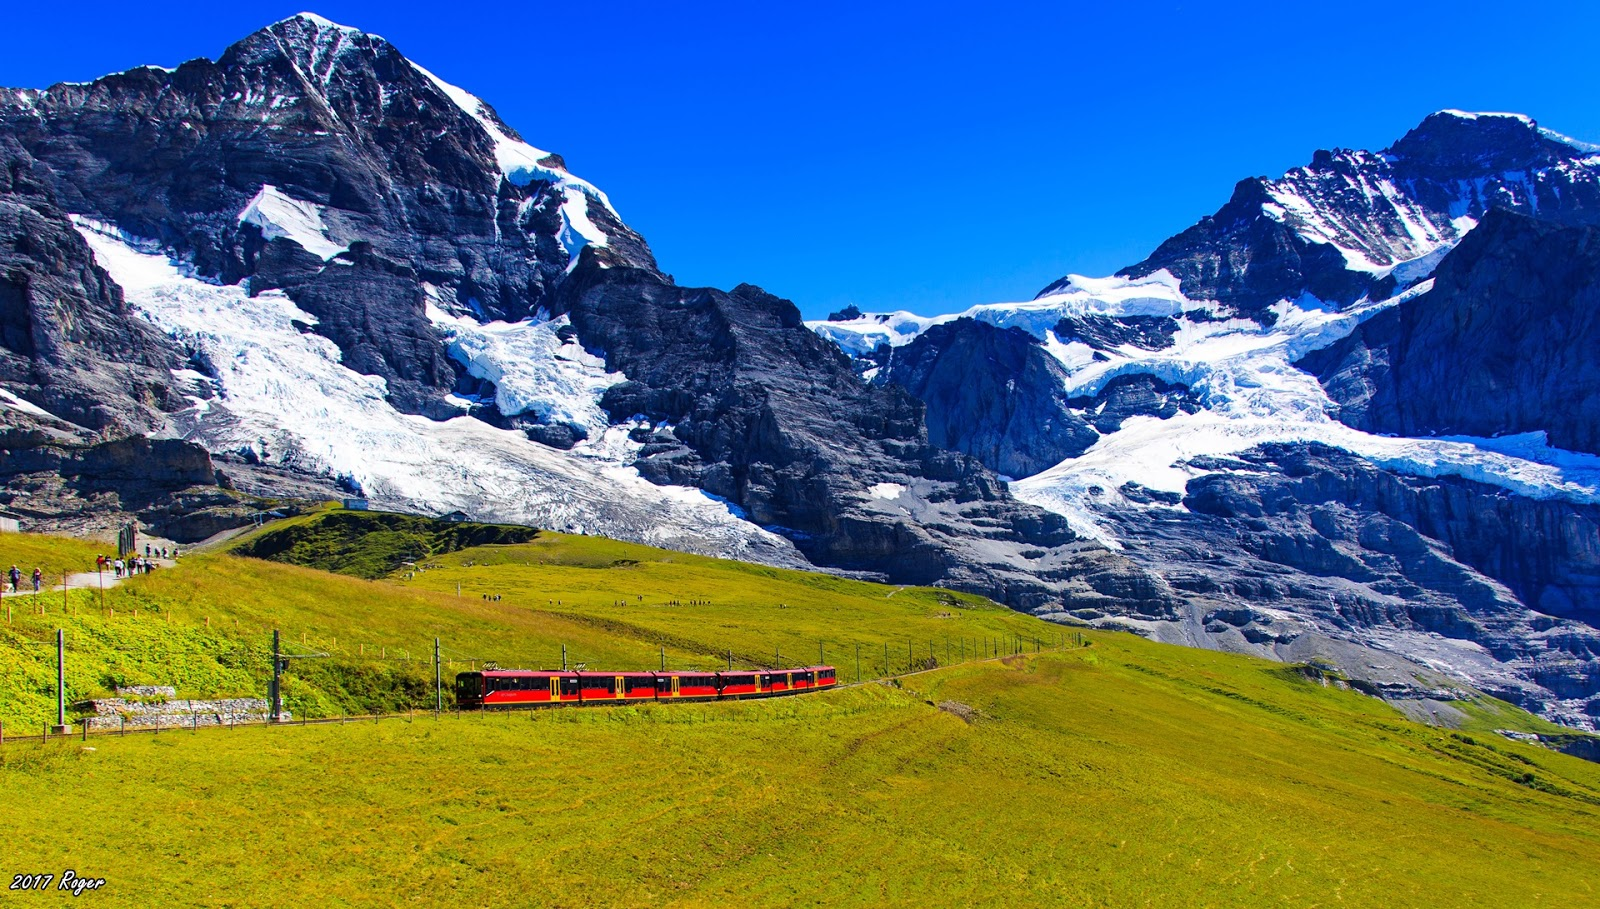 偶爾來個獨自旅行: Jungfrau 少女峰 - 一日攻略搞定少女峰